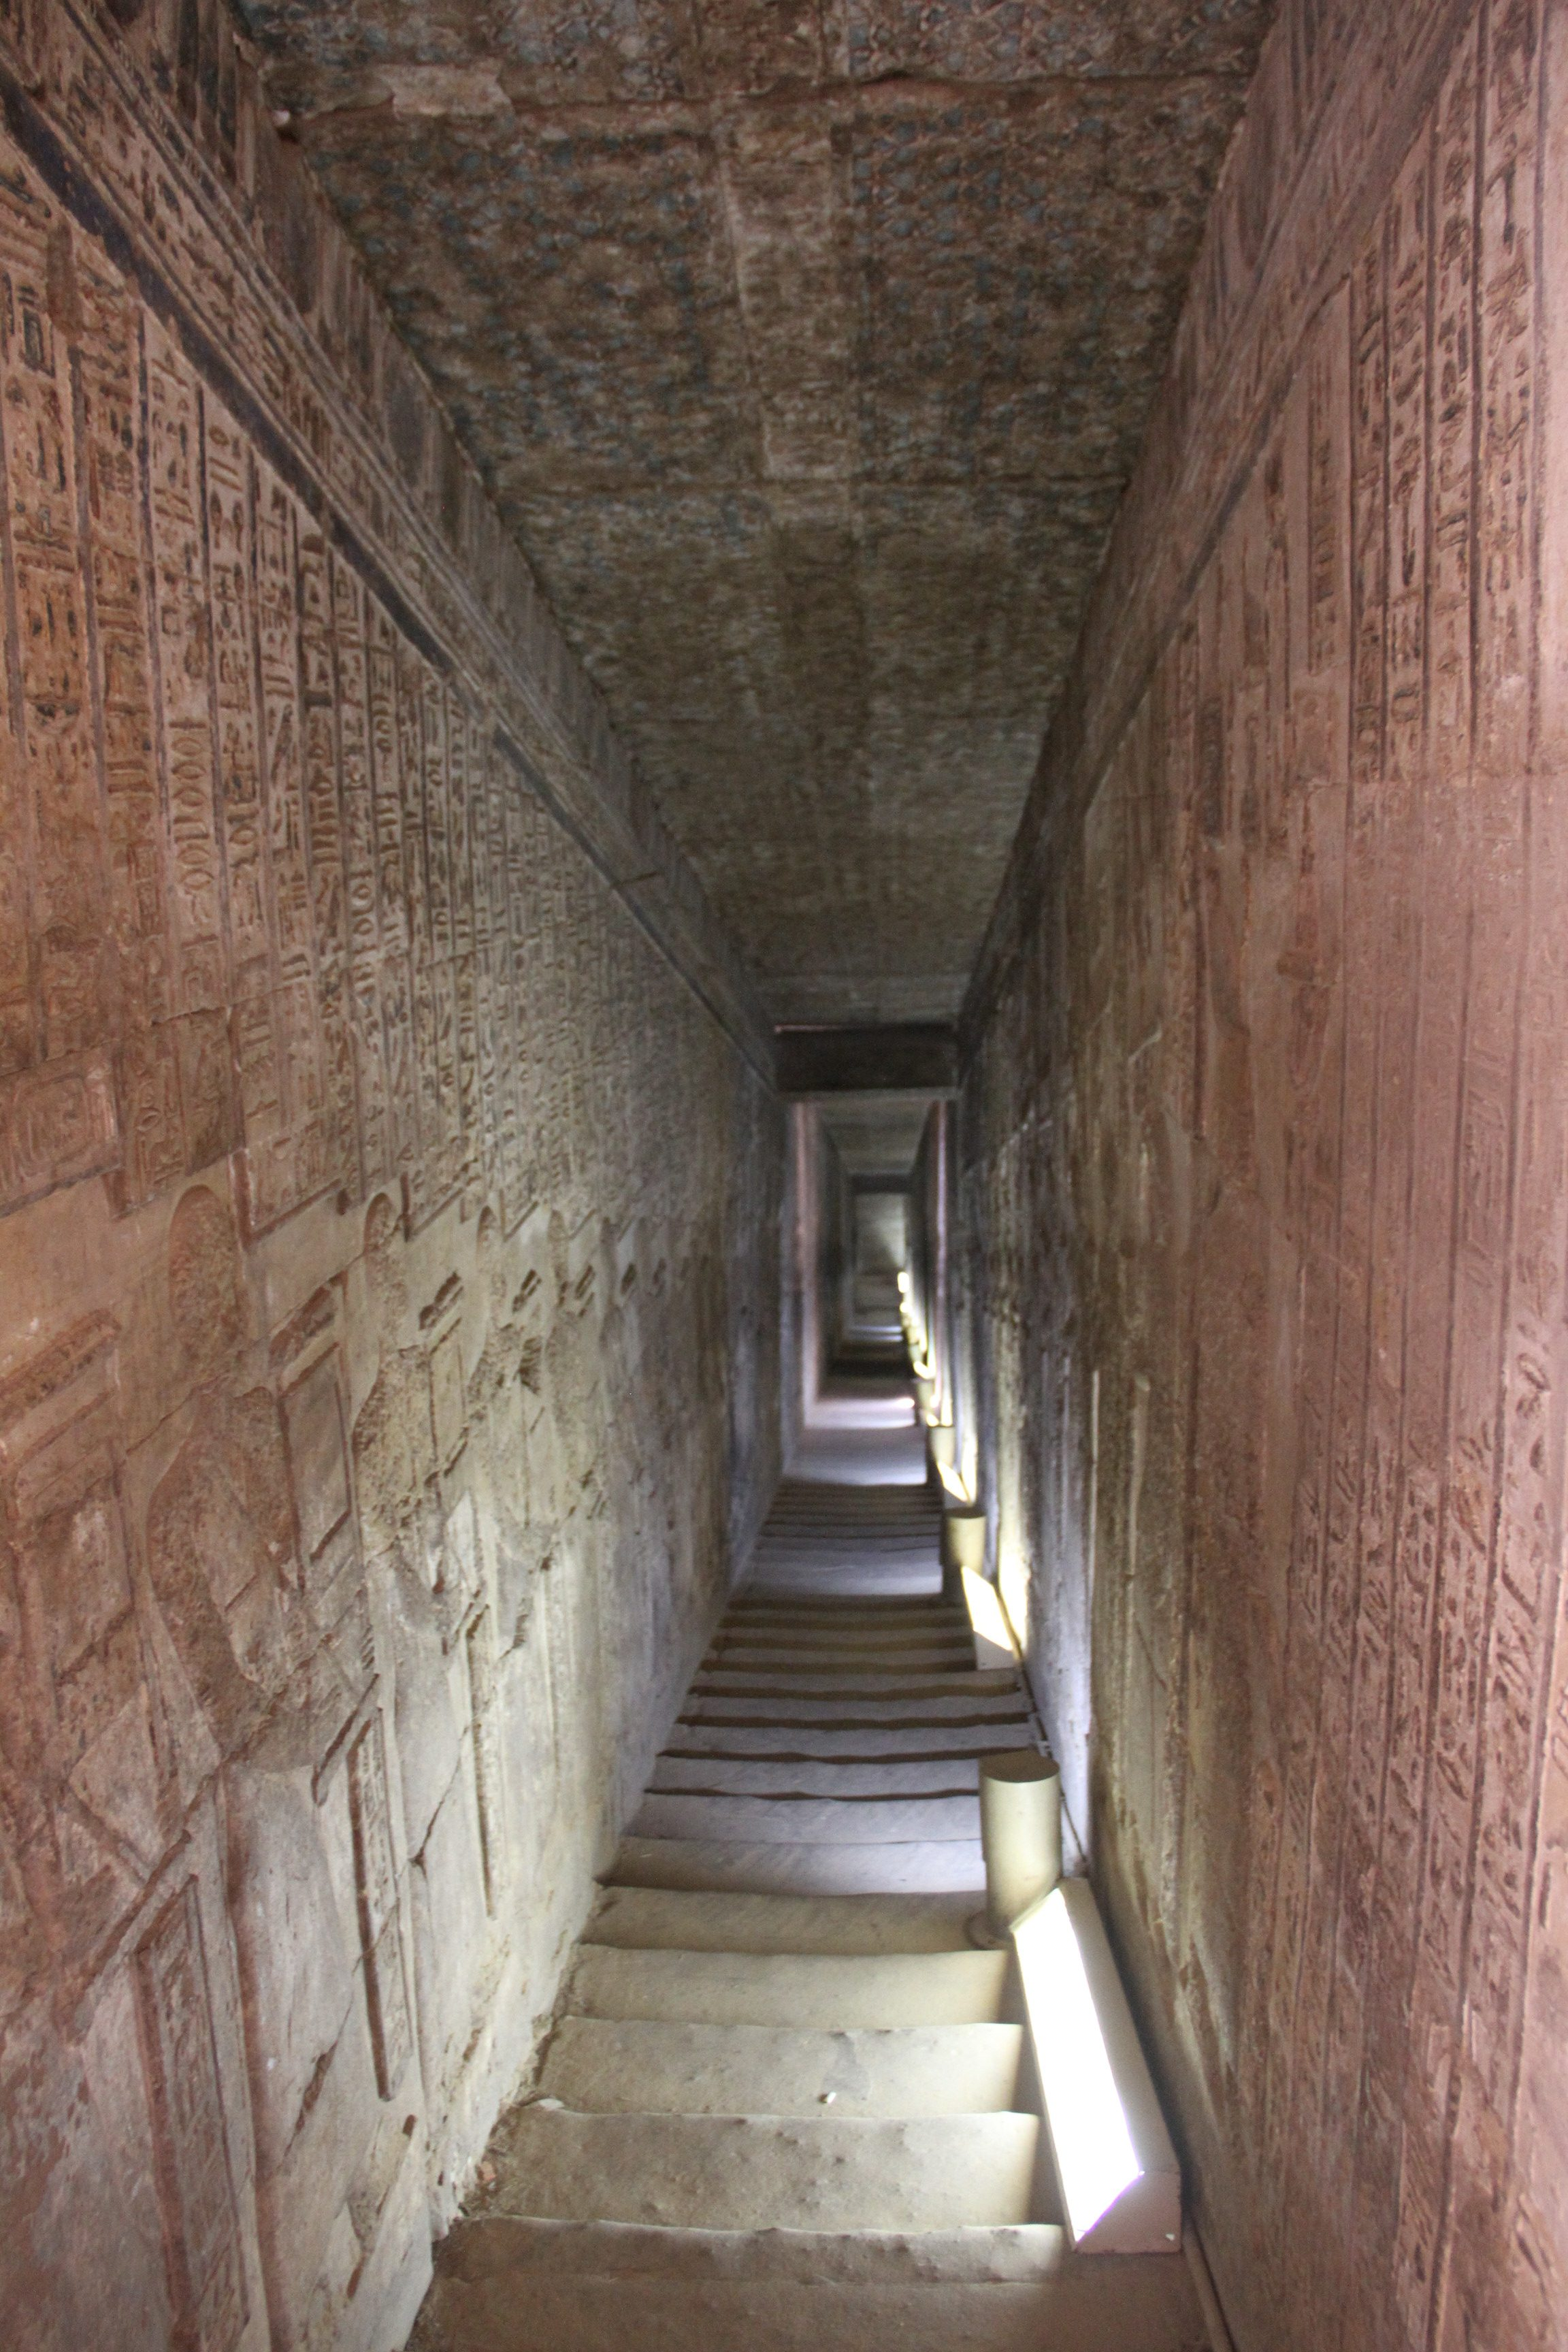 С крыши храма можно спуститься по длинной узкой галерее.